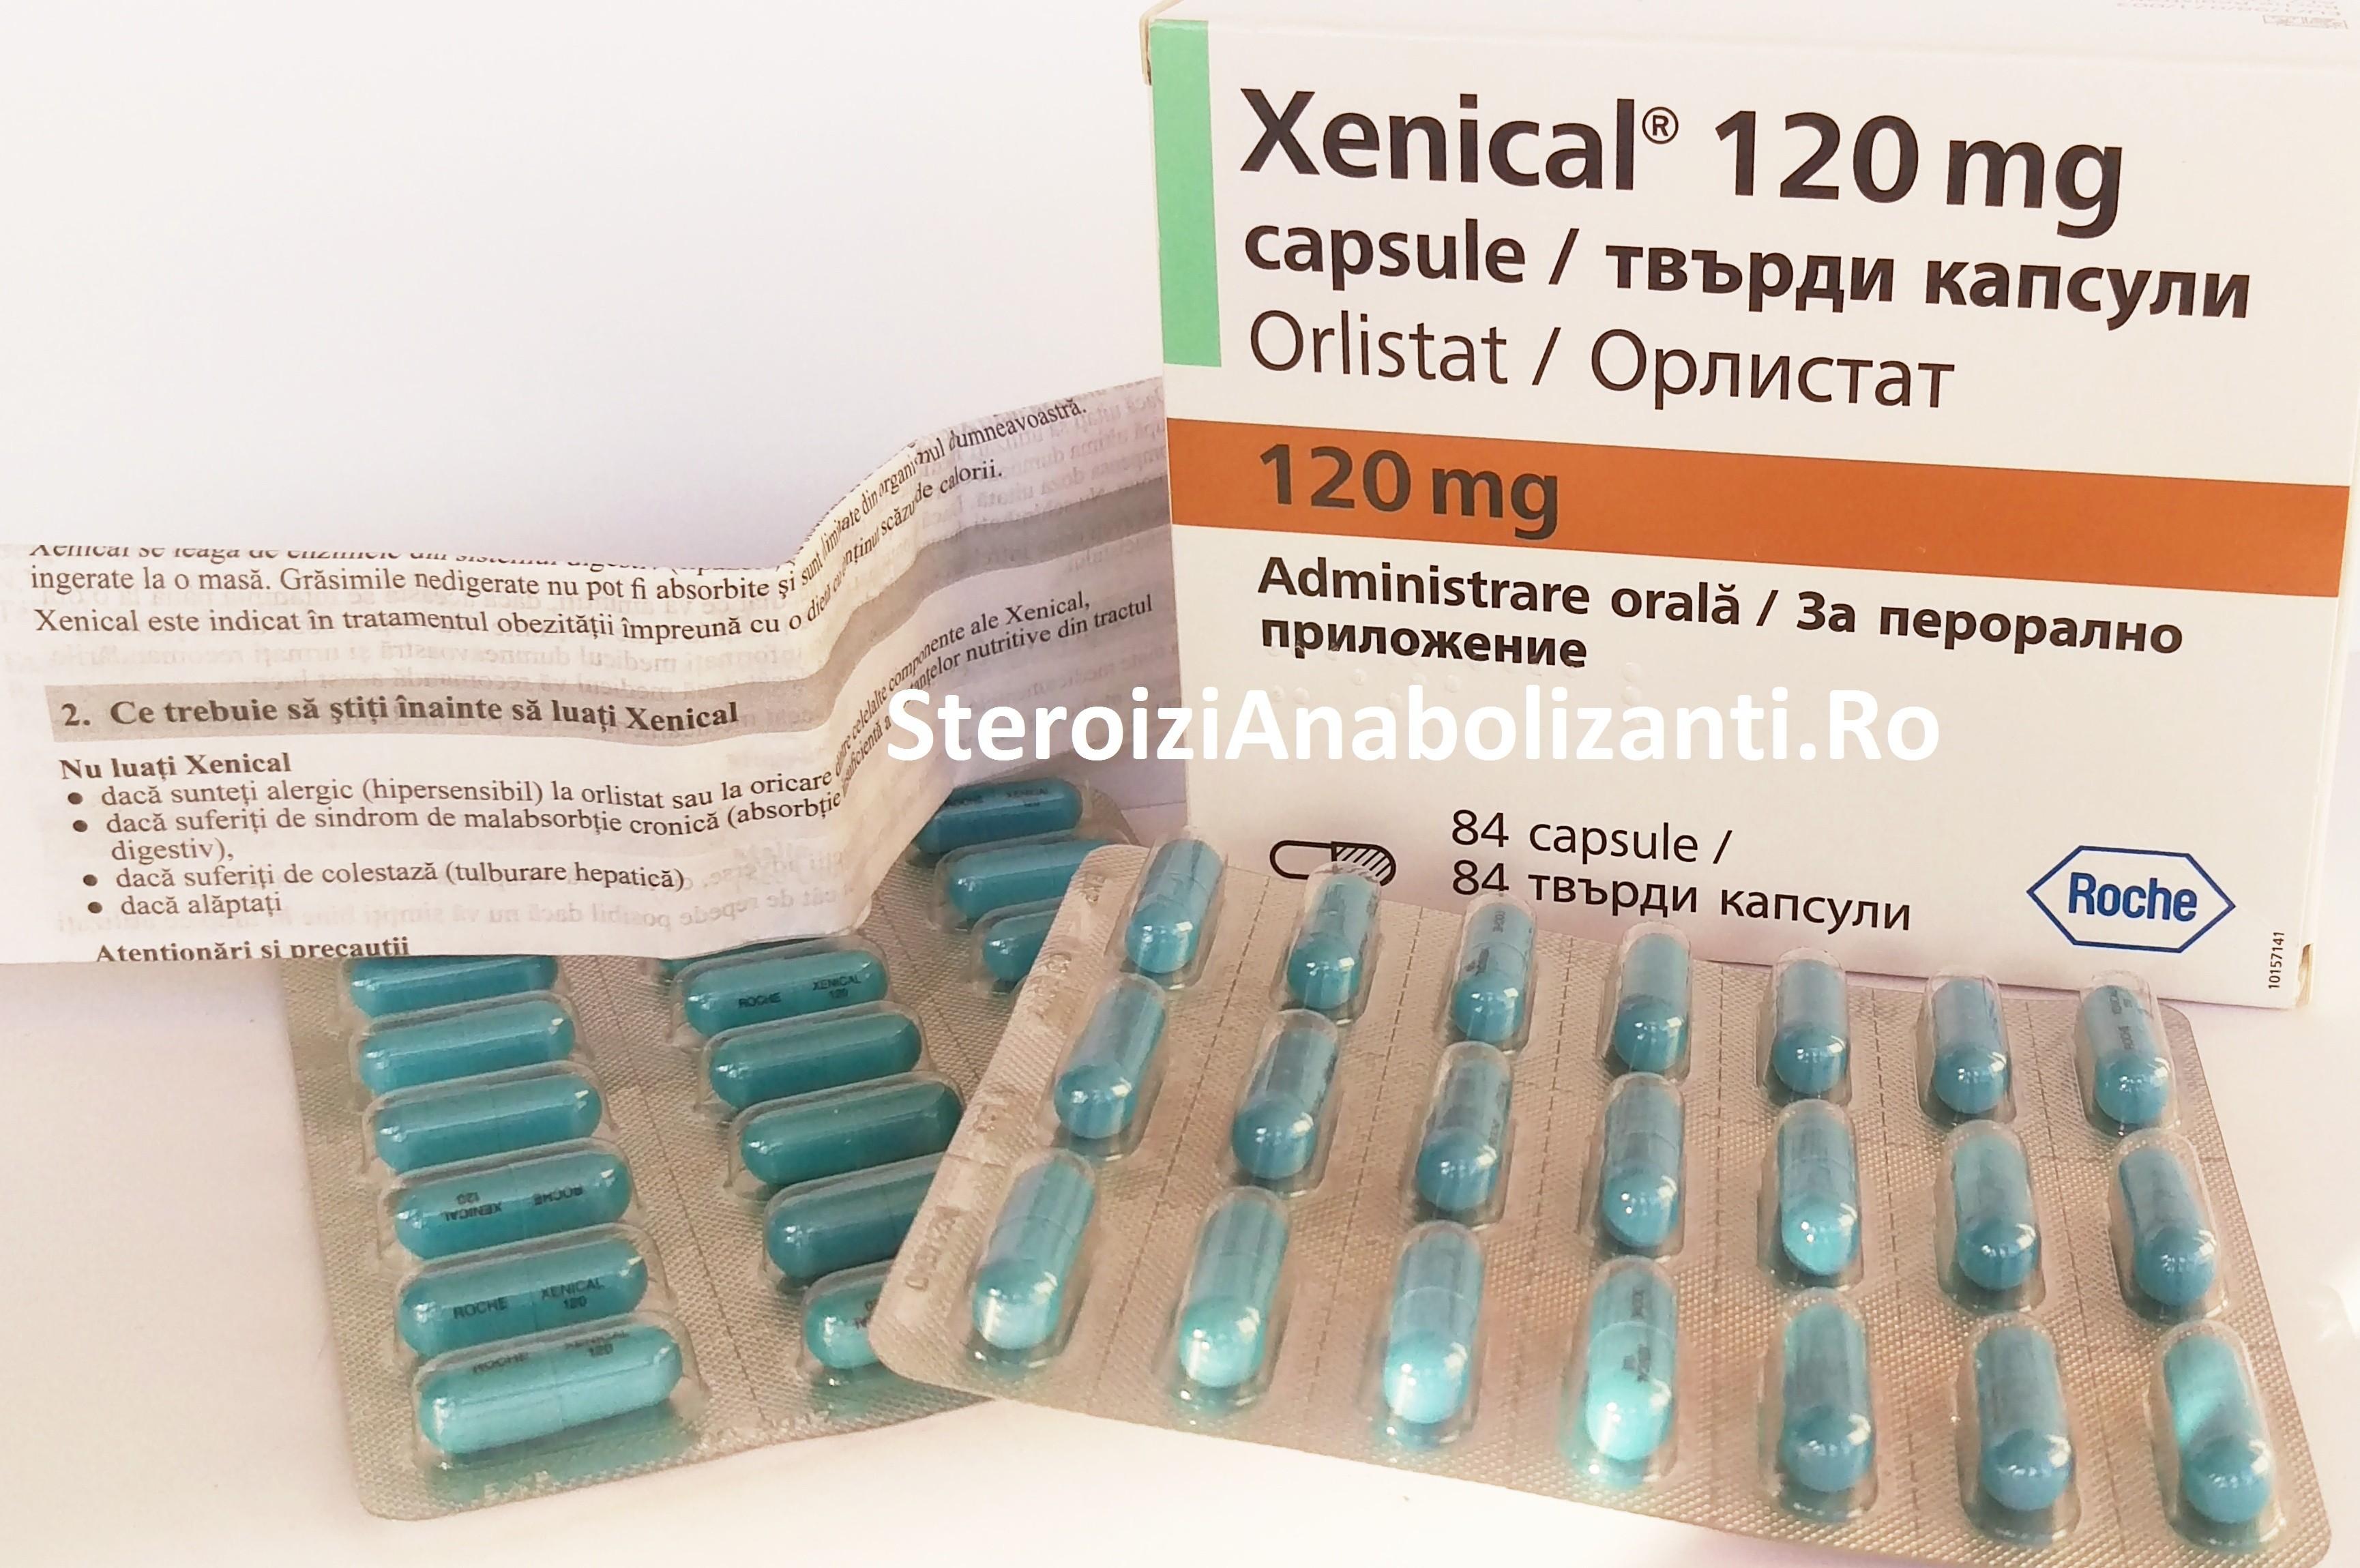 Etichetă: pastile pentru slabit Informatii prospect Xenical mg, capsule